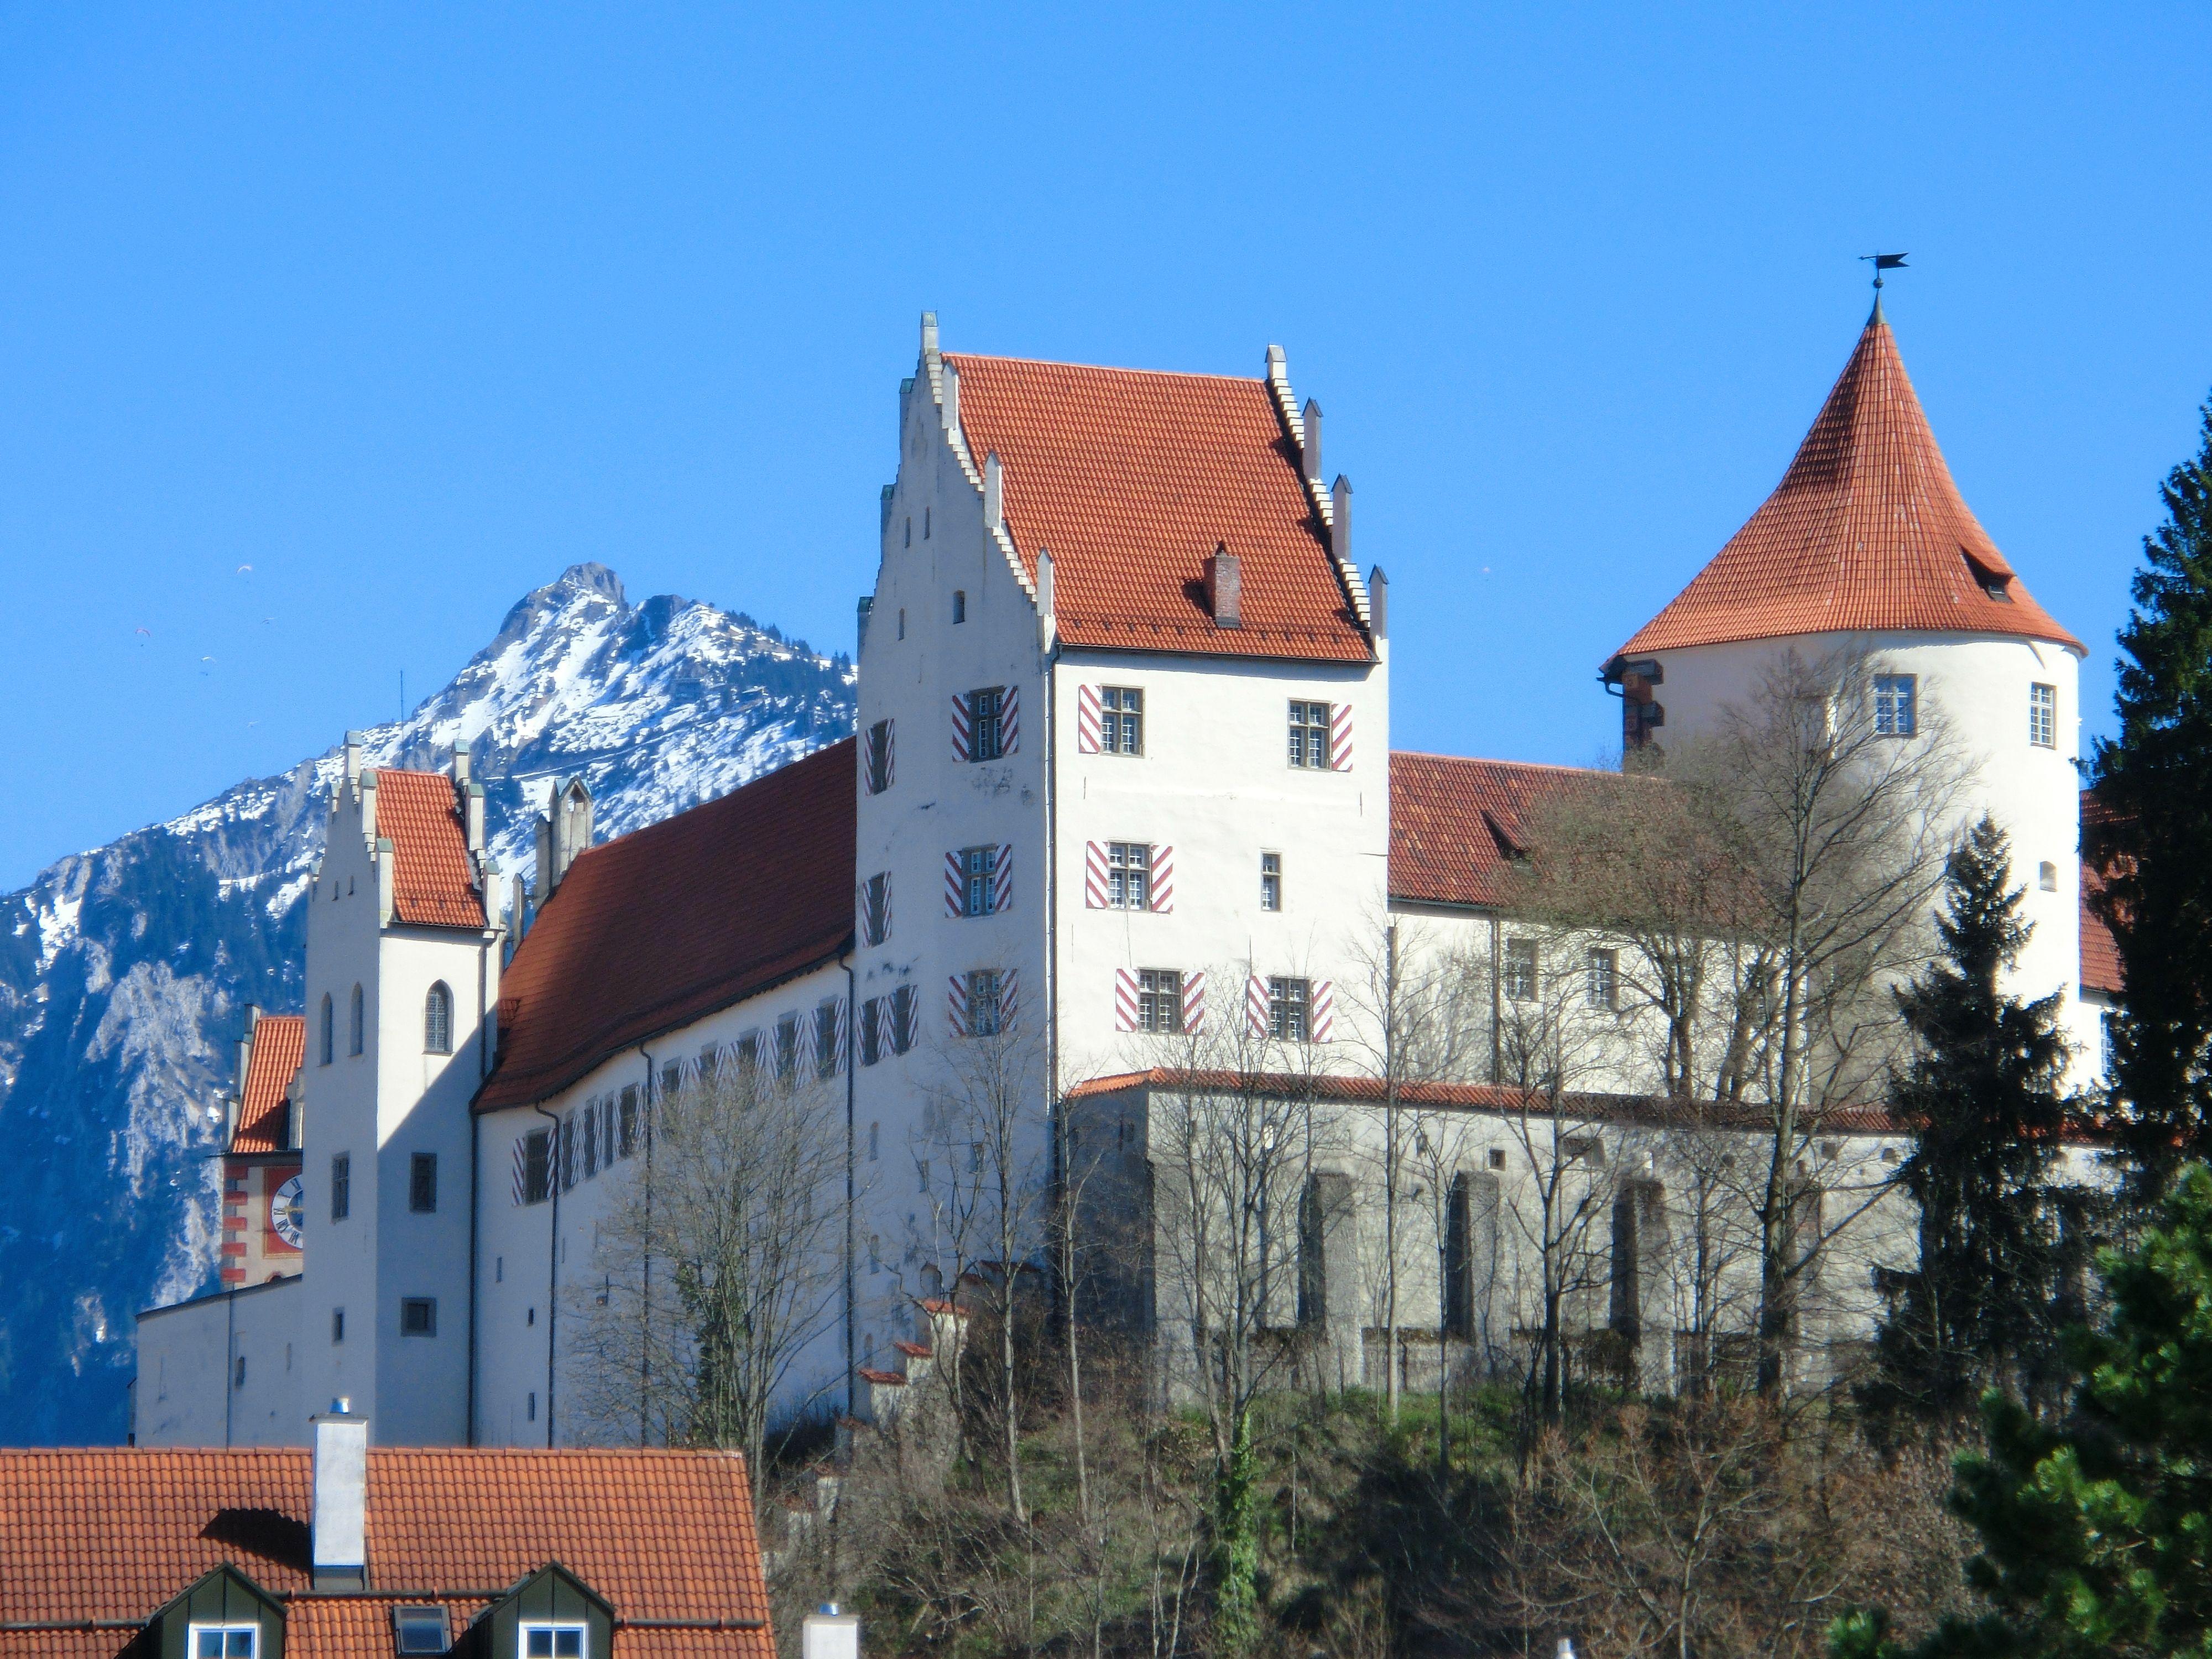 Das Gotische Hohe Schloss Thront Auf Einem Hugel Uber Der Romantischen Altstadt Von Fussen Im Allgau Es Zahlt Zu Schlosser In Bayern Burg Burgen Und Schlosser